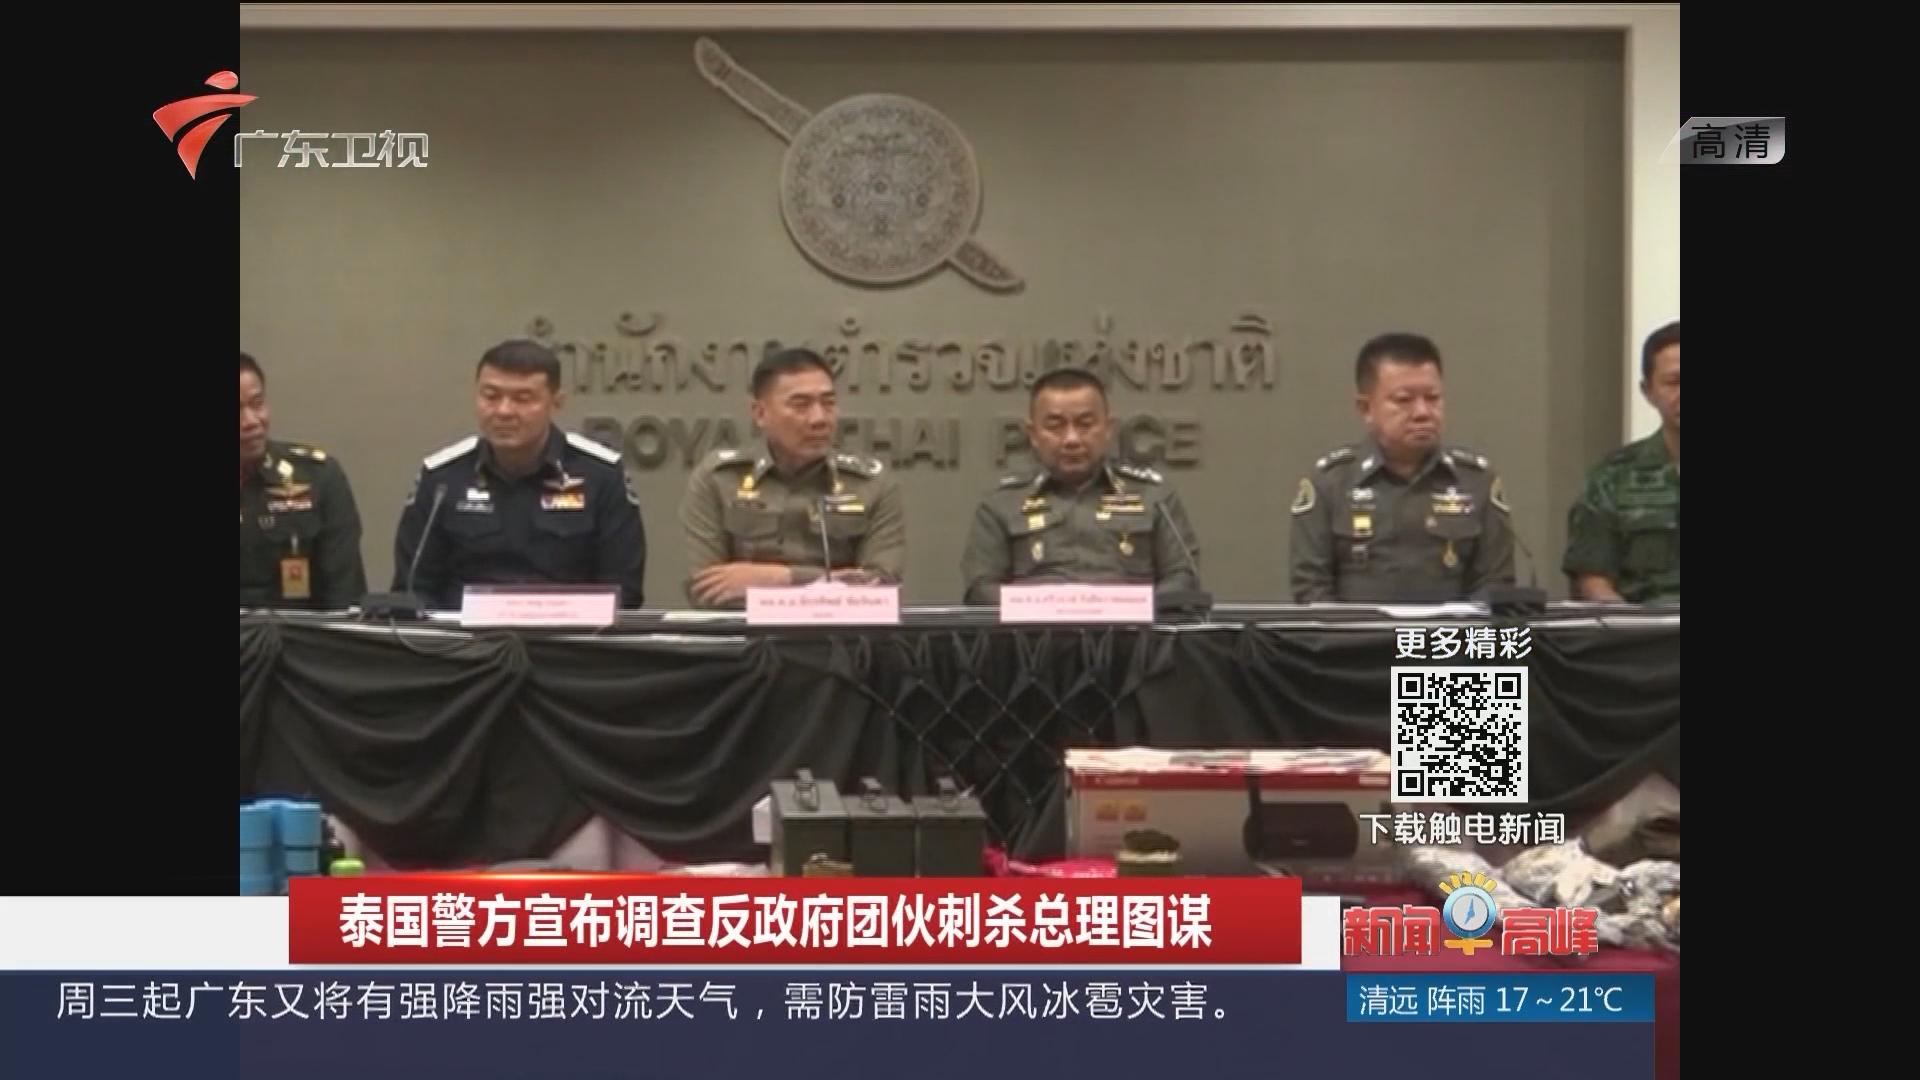 泰国警方宣布调查反政府团伙刺杀总理图谋